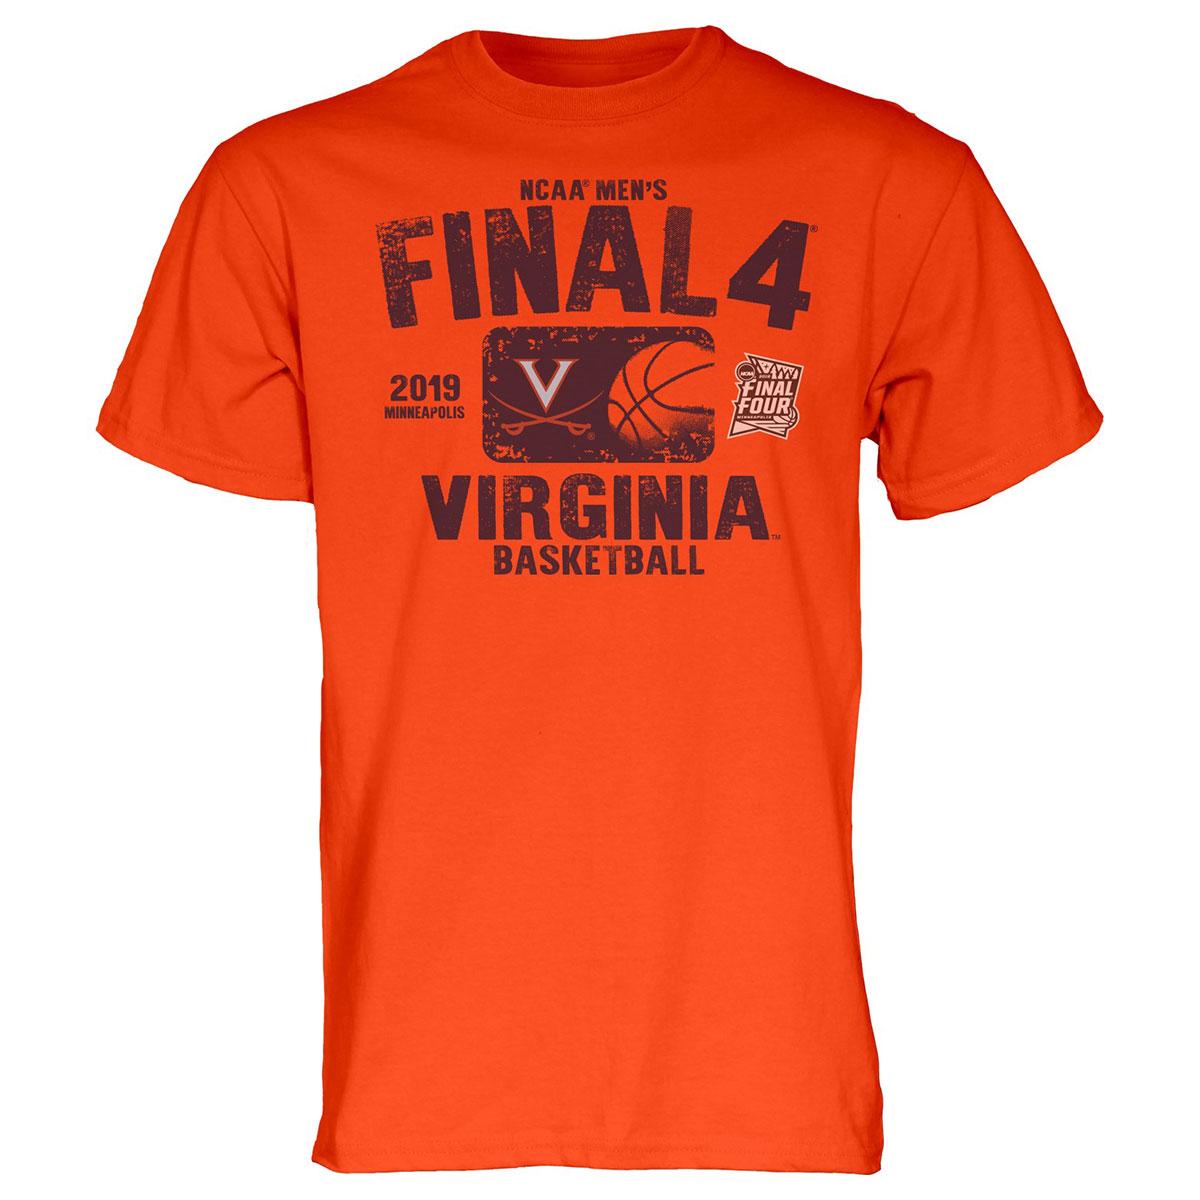 Virginia Basketball 2019 Final 4 T-shirt